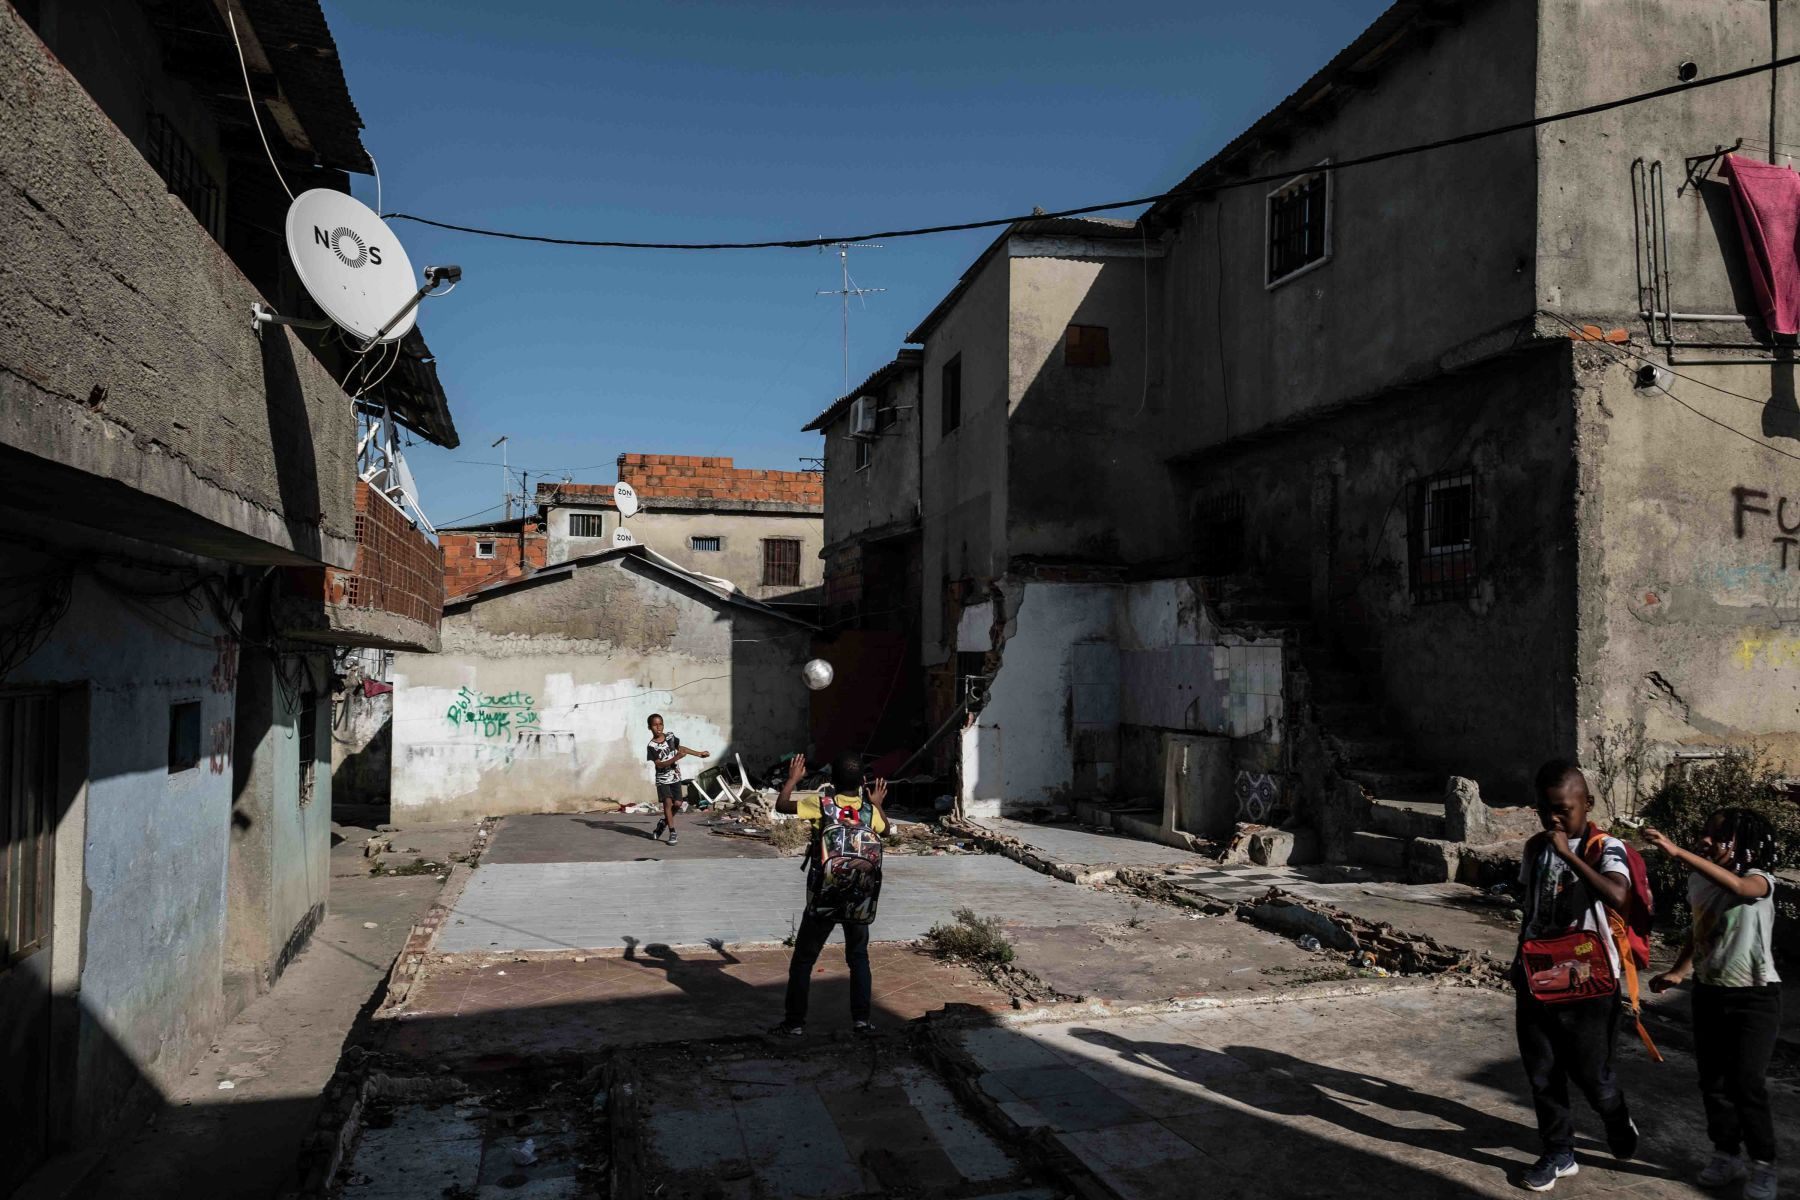 Mặt tối cuộc sống mang tên 6 de Maio: Những gì diễn ra bên trong khu phố nguy hiểm bậc nhất Bồ Đào Nha - Ảnh 4.